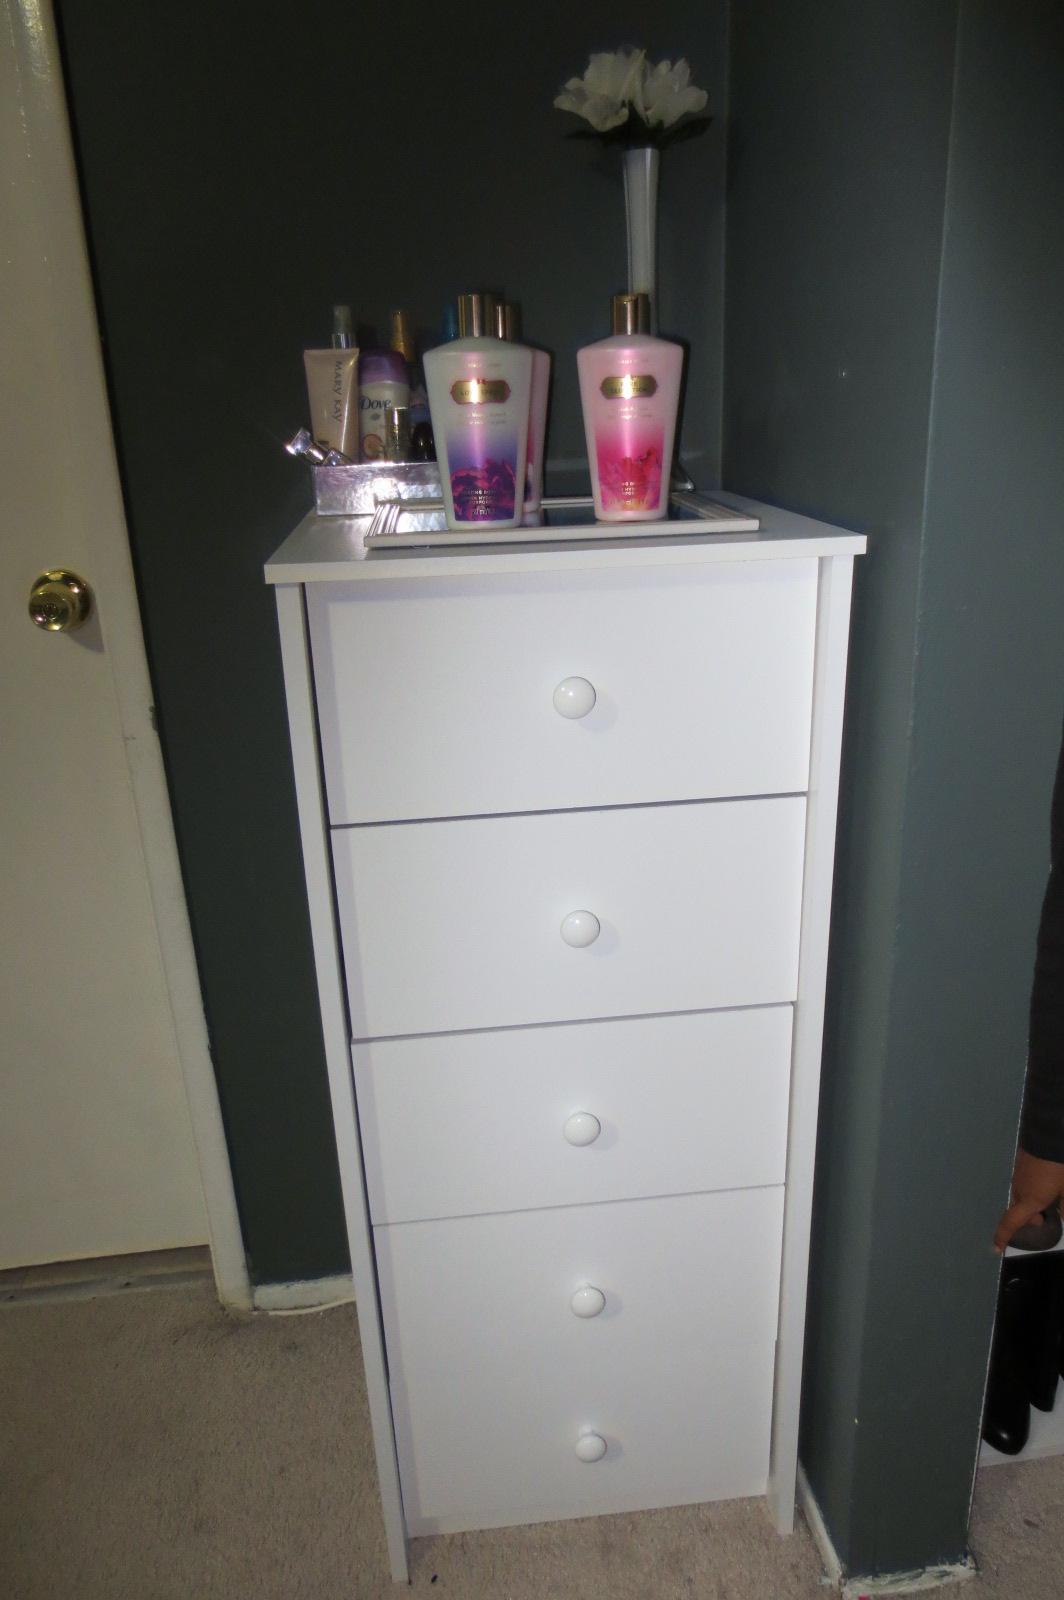 Este mueble blanco es ideal para organizar accesorios, maquillaje o